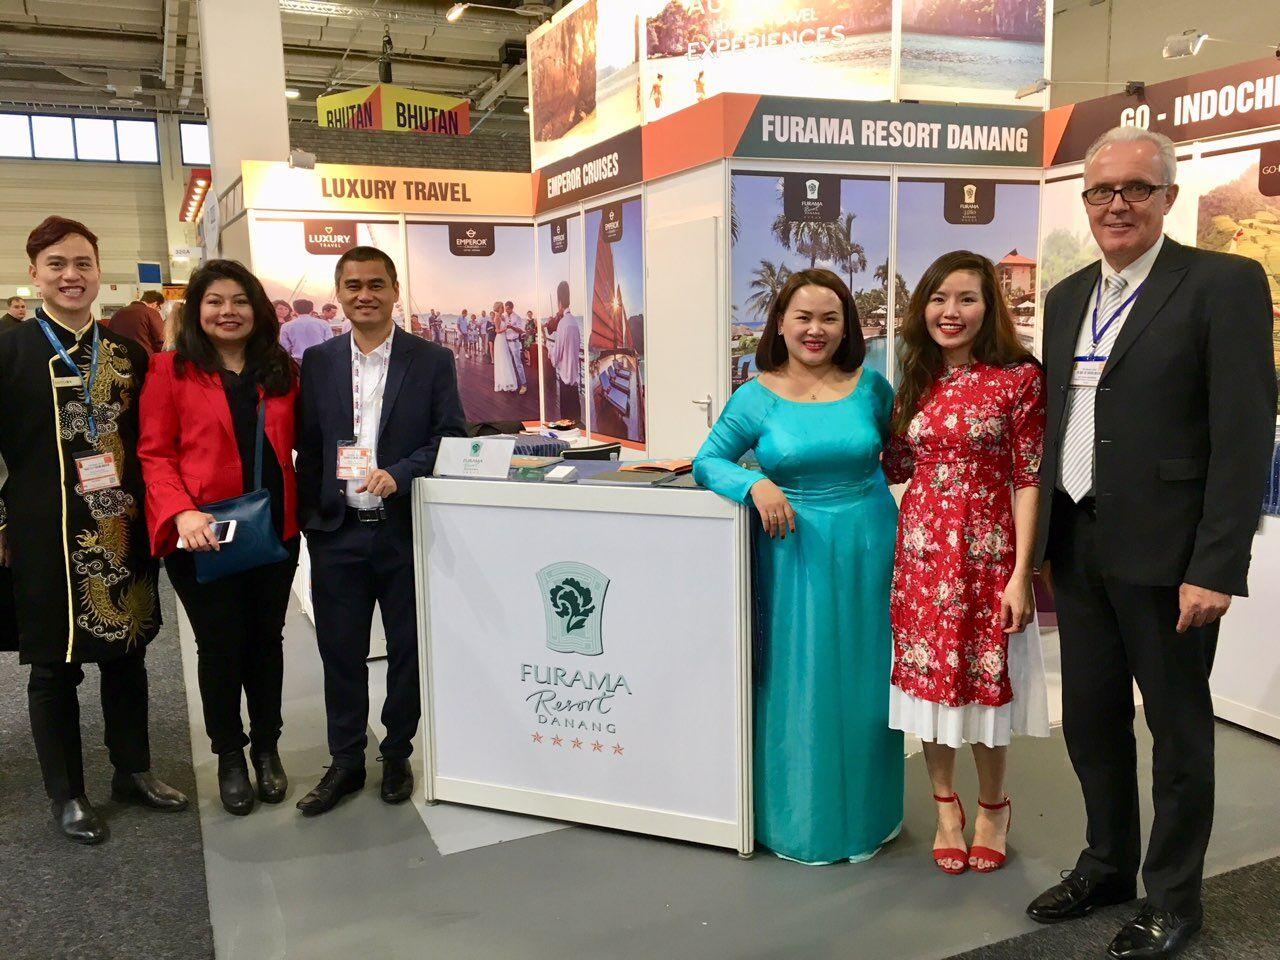 Furama Đà Nẵng quảng bá sản phẩm tại Hội chợ ITB Berlin